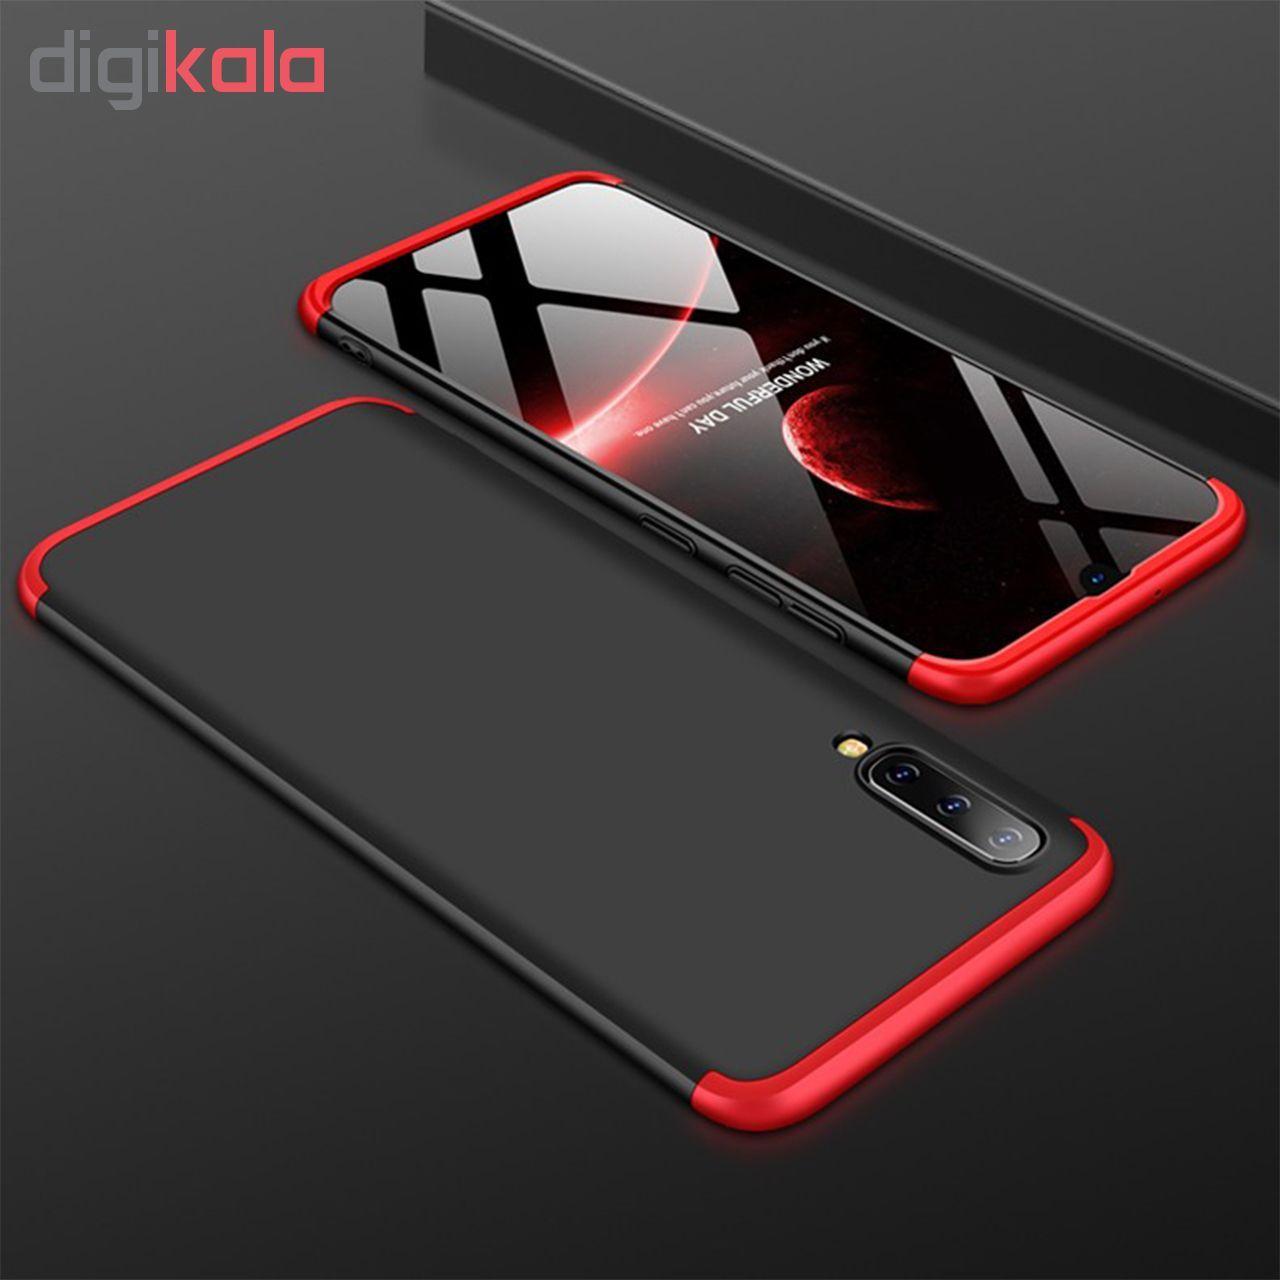 کاور 360 درجه مسیر مدل MGKNEW-1 مناسب برای گوشی موبایل سامسونگ Galaxy A50/A50S/A30S